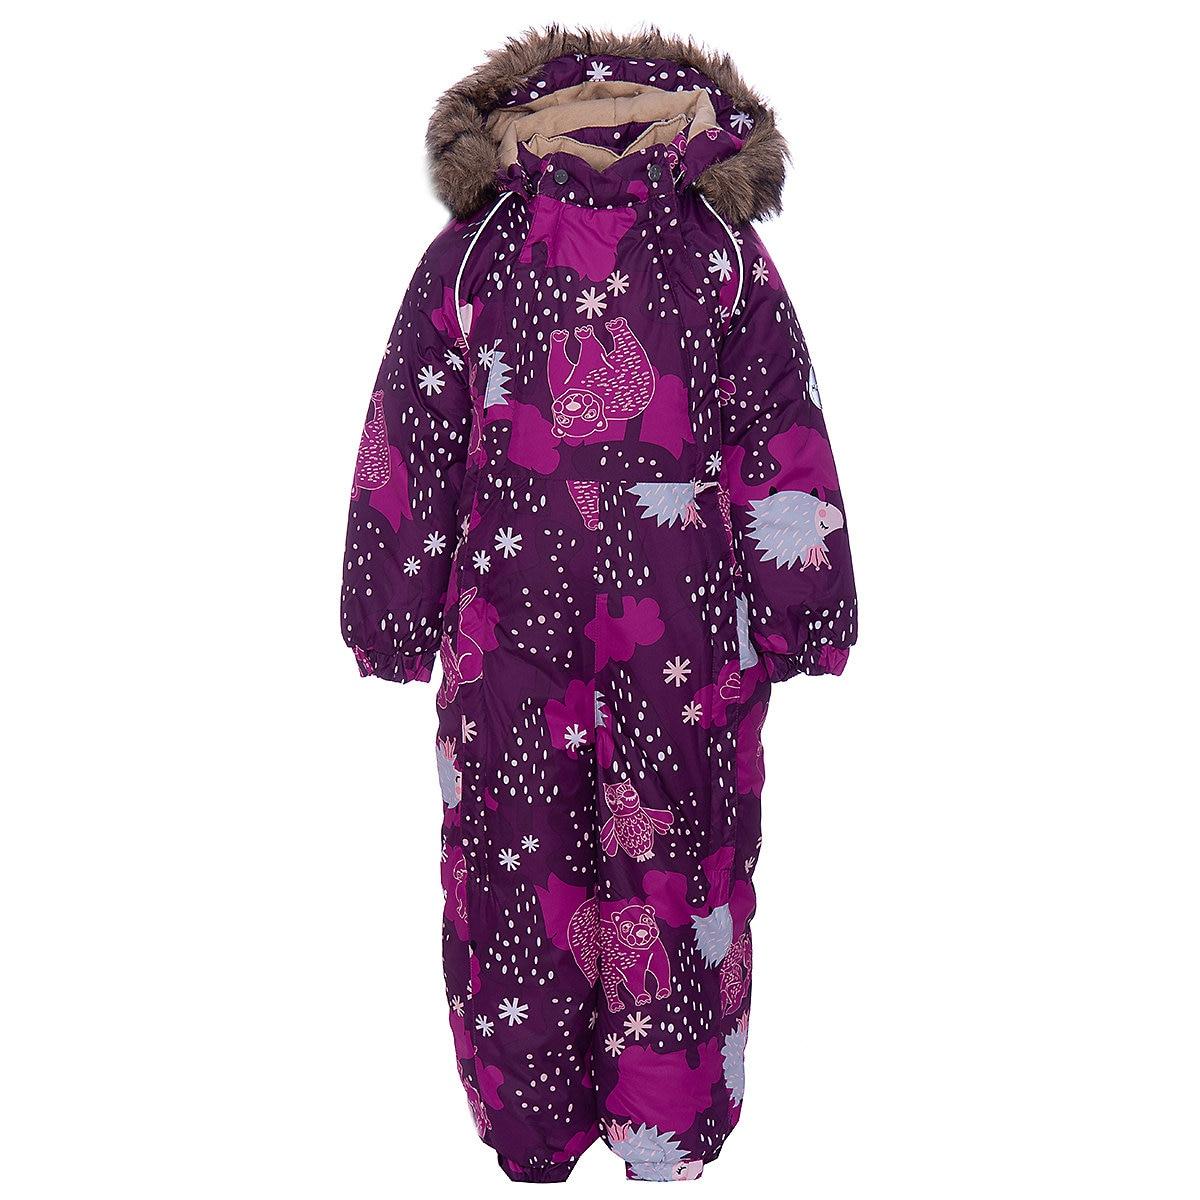 Tute e Salopette HUPPA per le ragazze 8959204 Del Bambino Body e Pagliaccetti Della Tuta Per Bambini abbigliamento Per Bambini